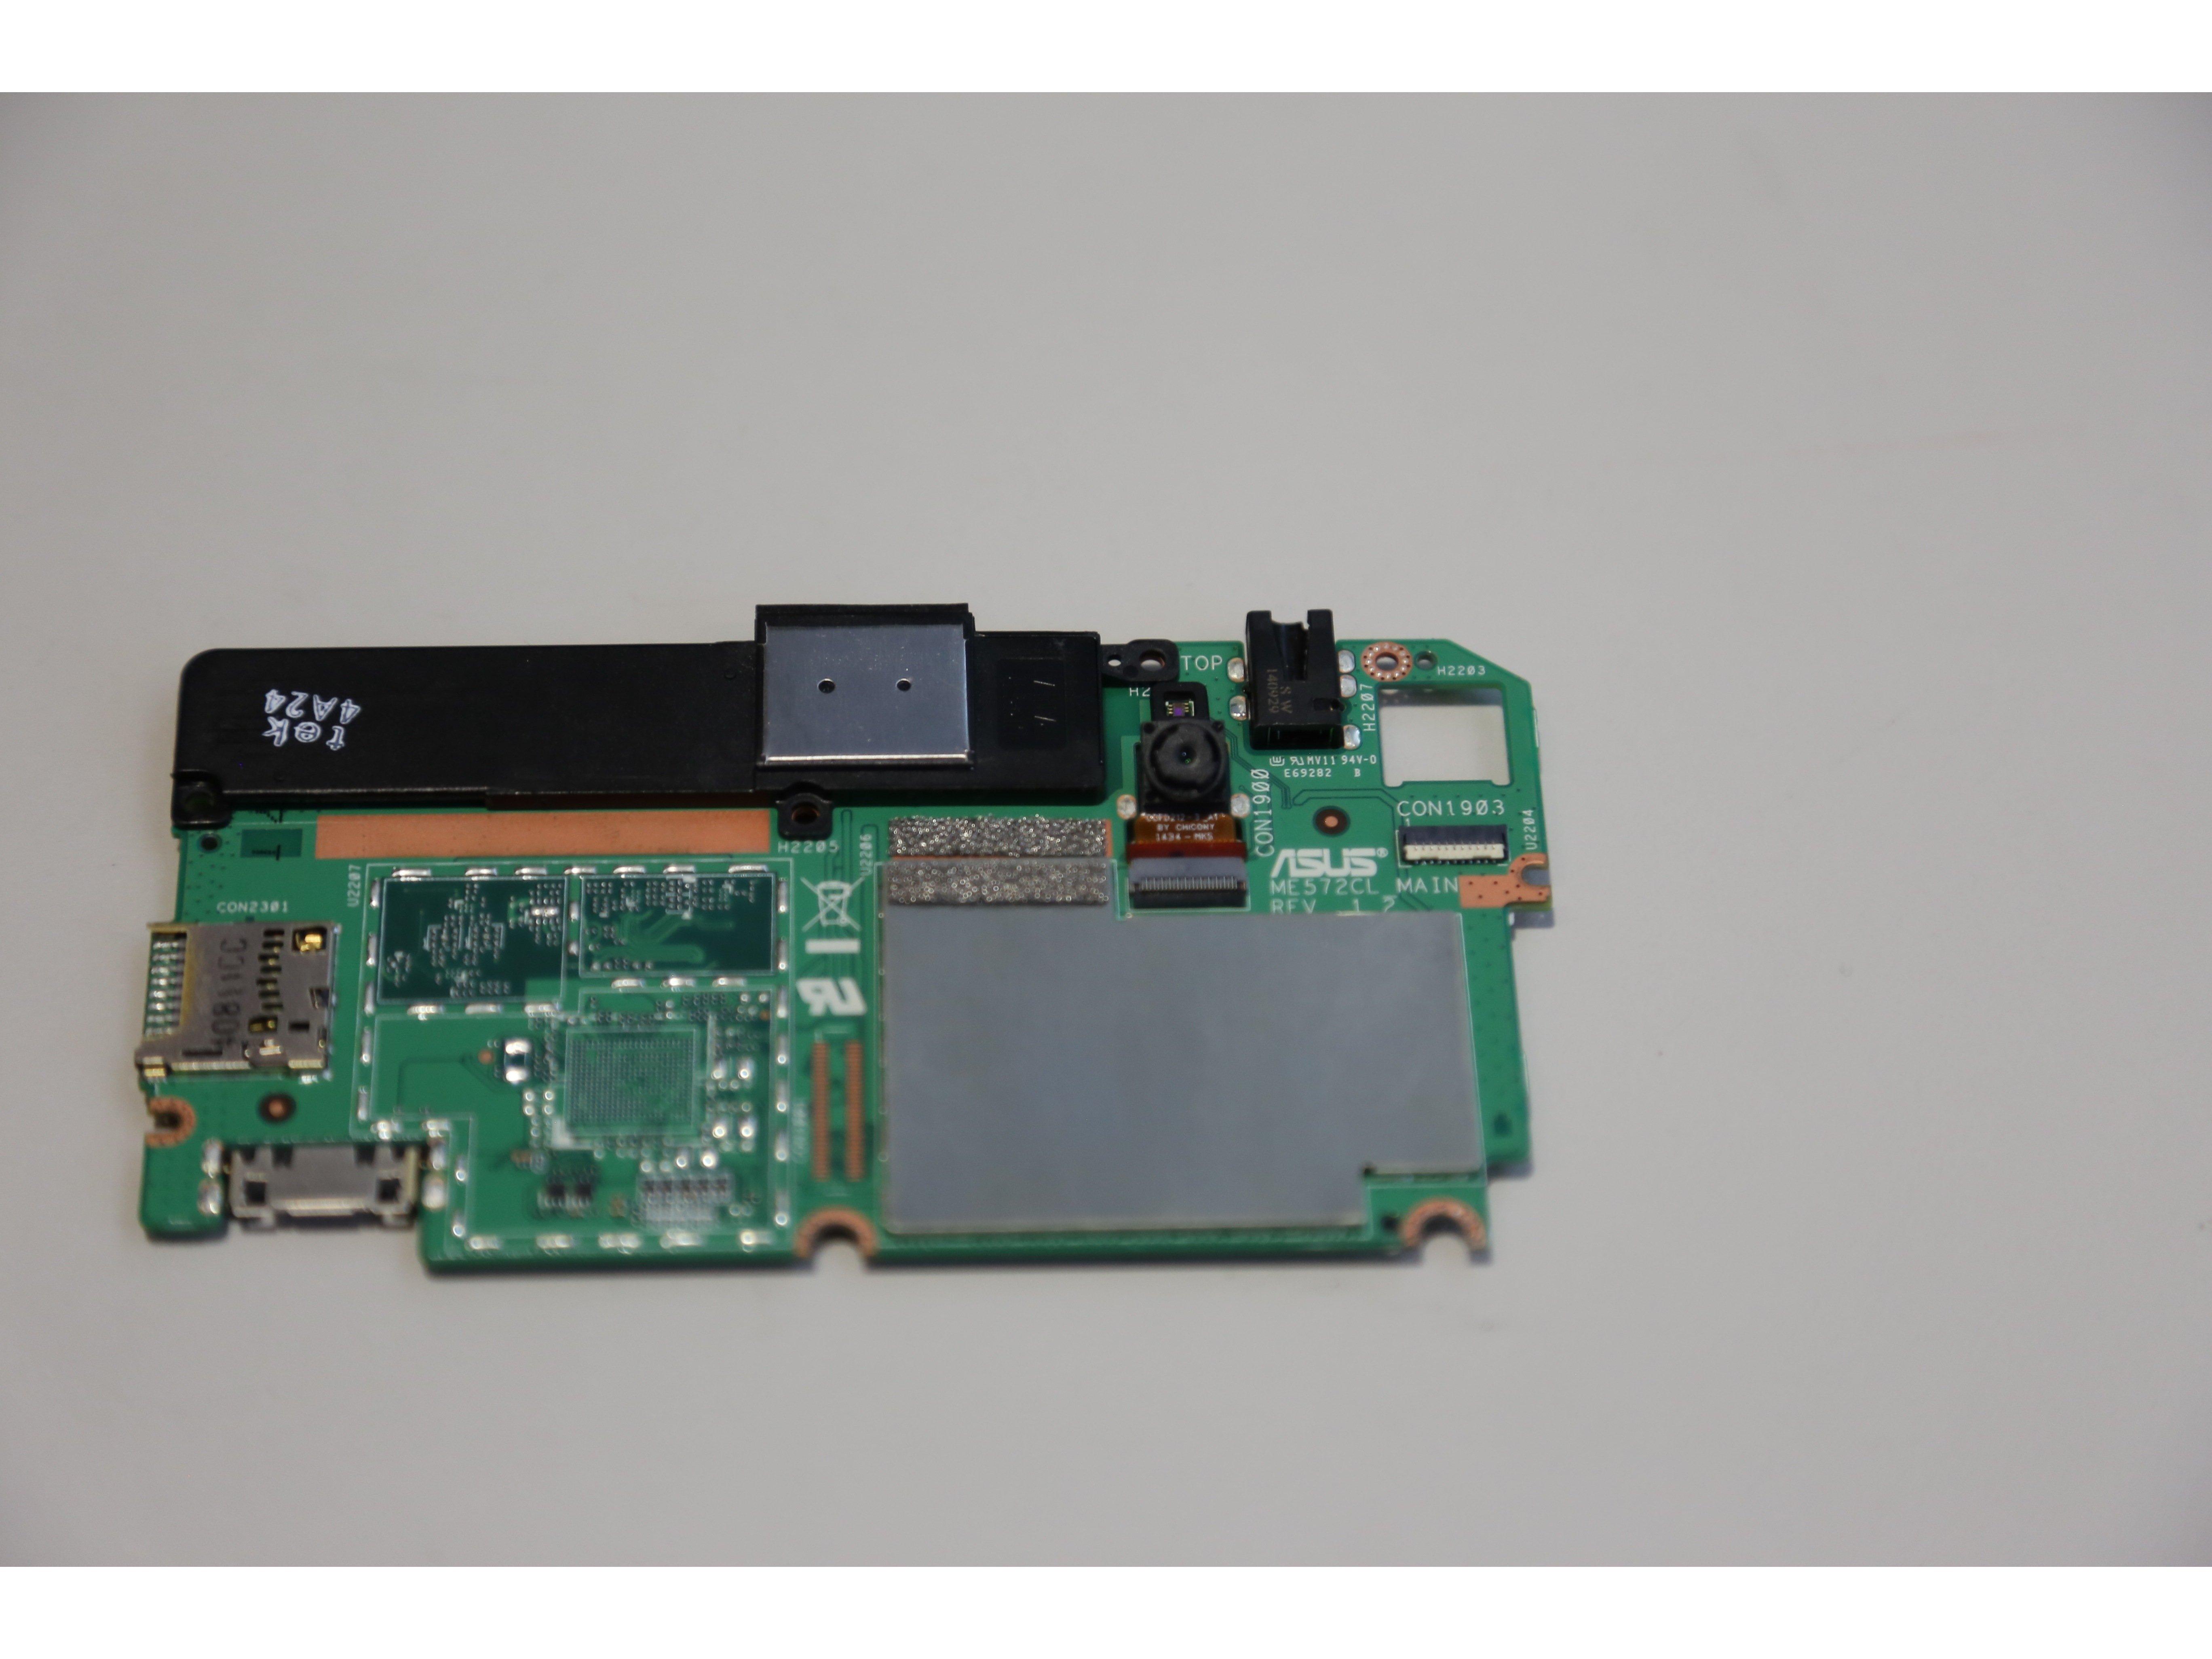 ASUS MeMO Pad 7 (ME572C) Front Camera Replacement - iFixit Repair Guide